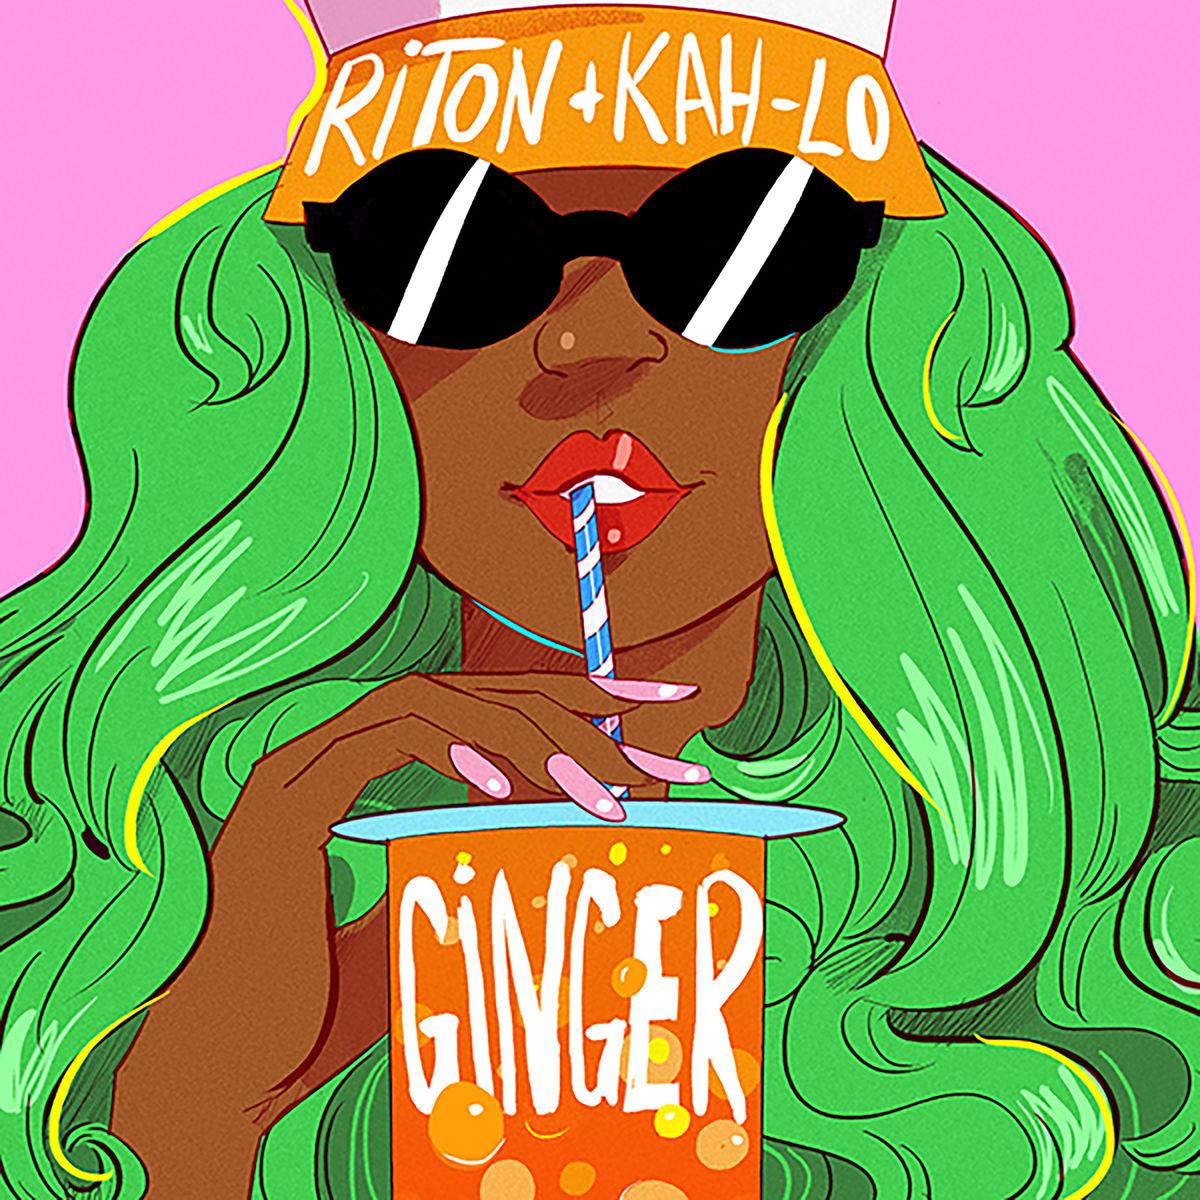 riton_kah-lo-ginger_s.jpg